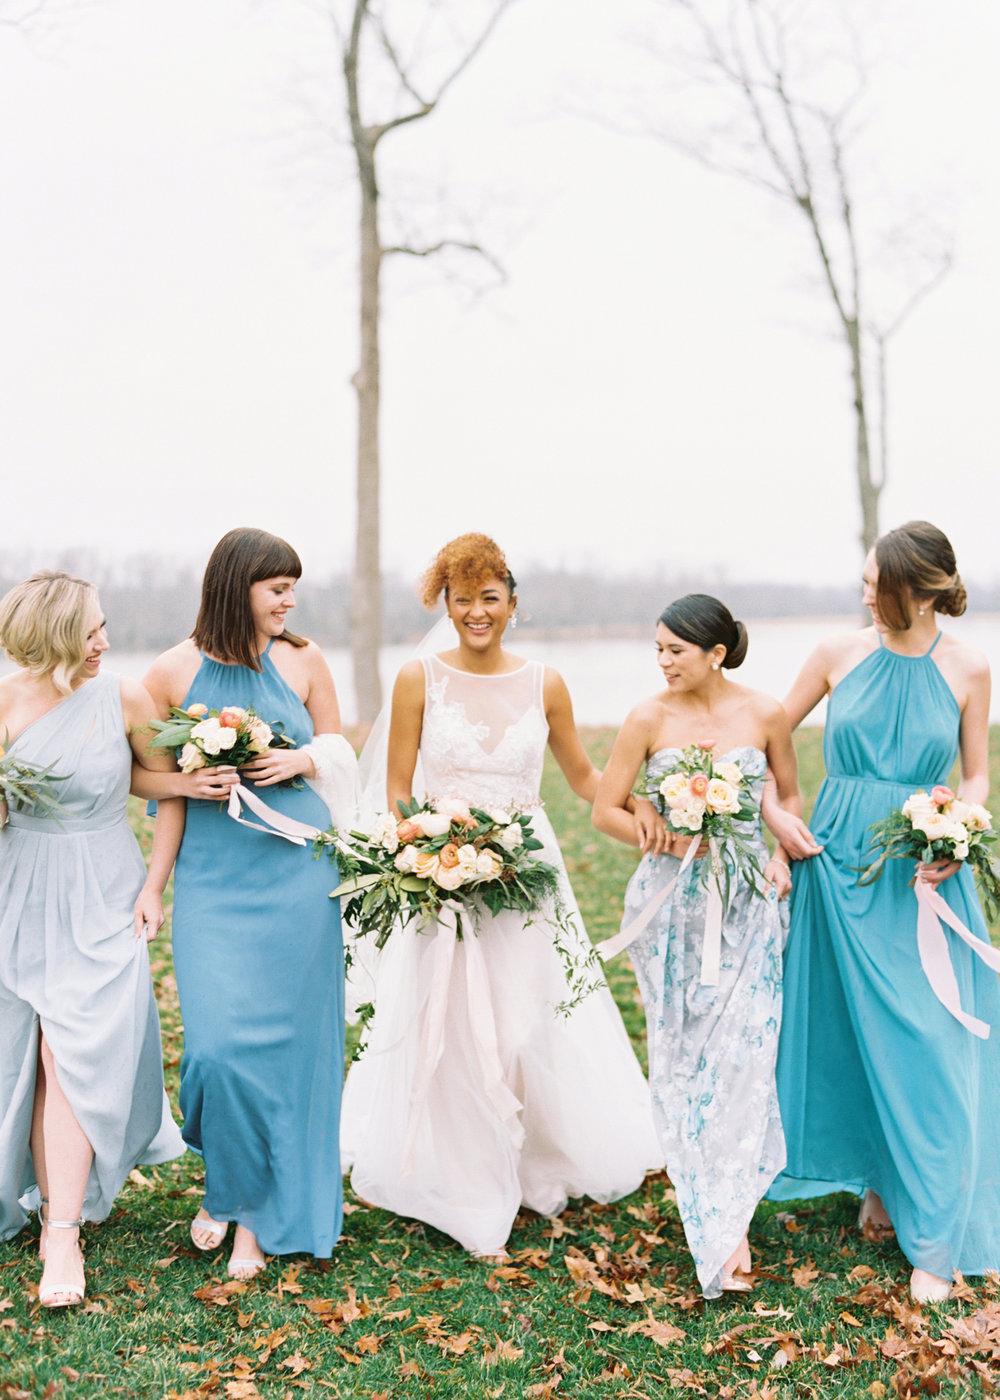 Aisle Society Davids Bridal The Mallorys (162).jpg